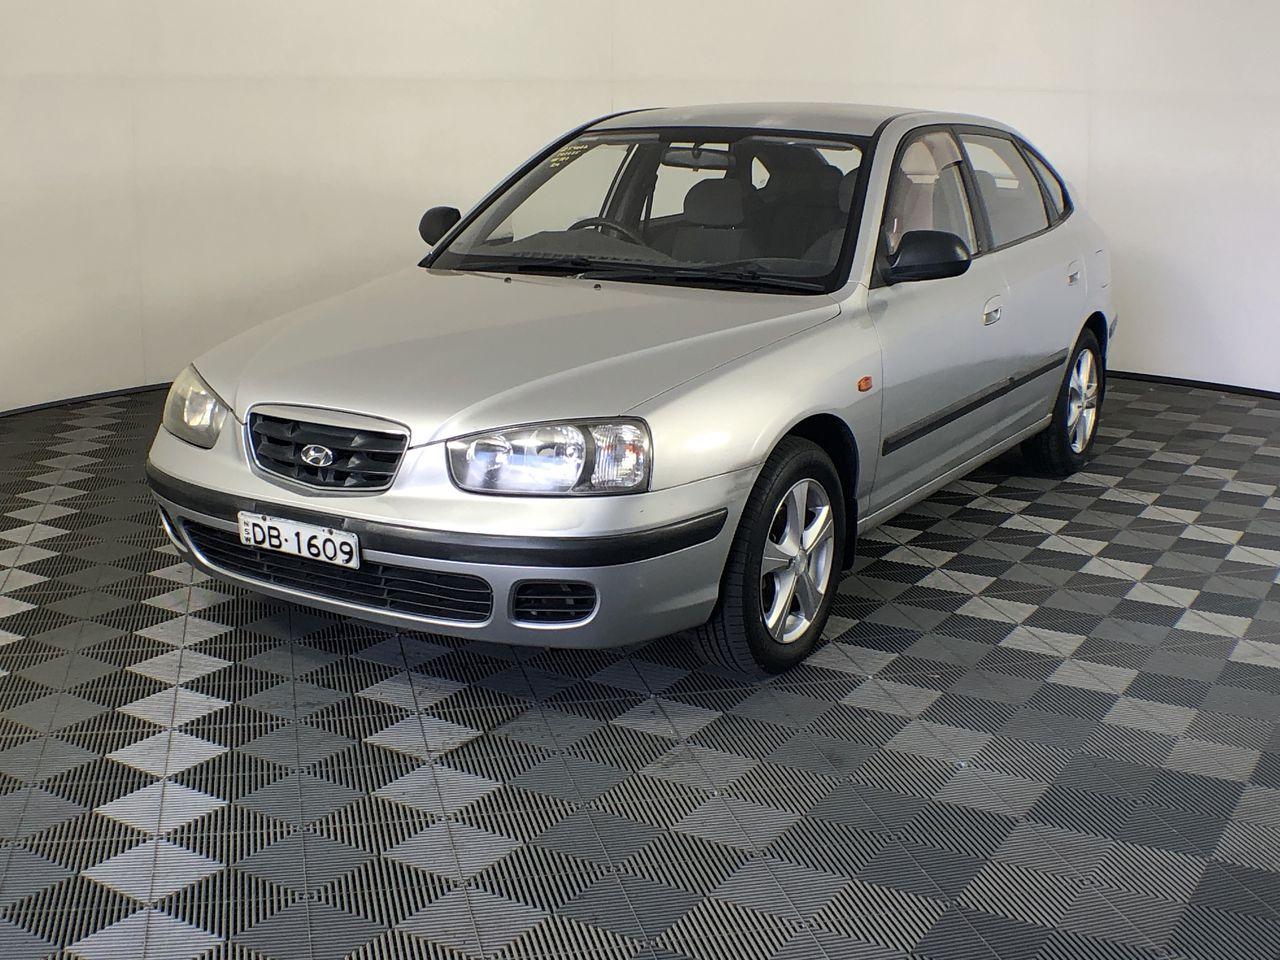 2001 Hyundai Elantra GL XD Automatic Hatchback